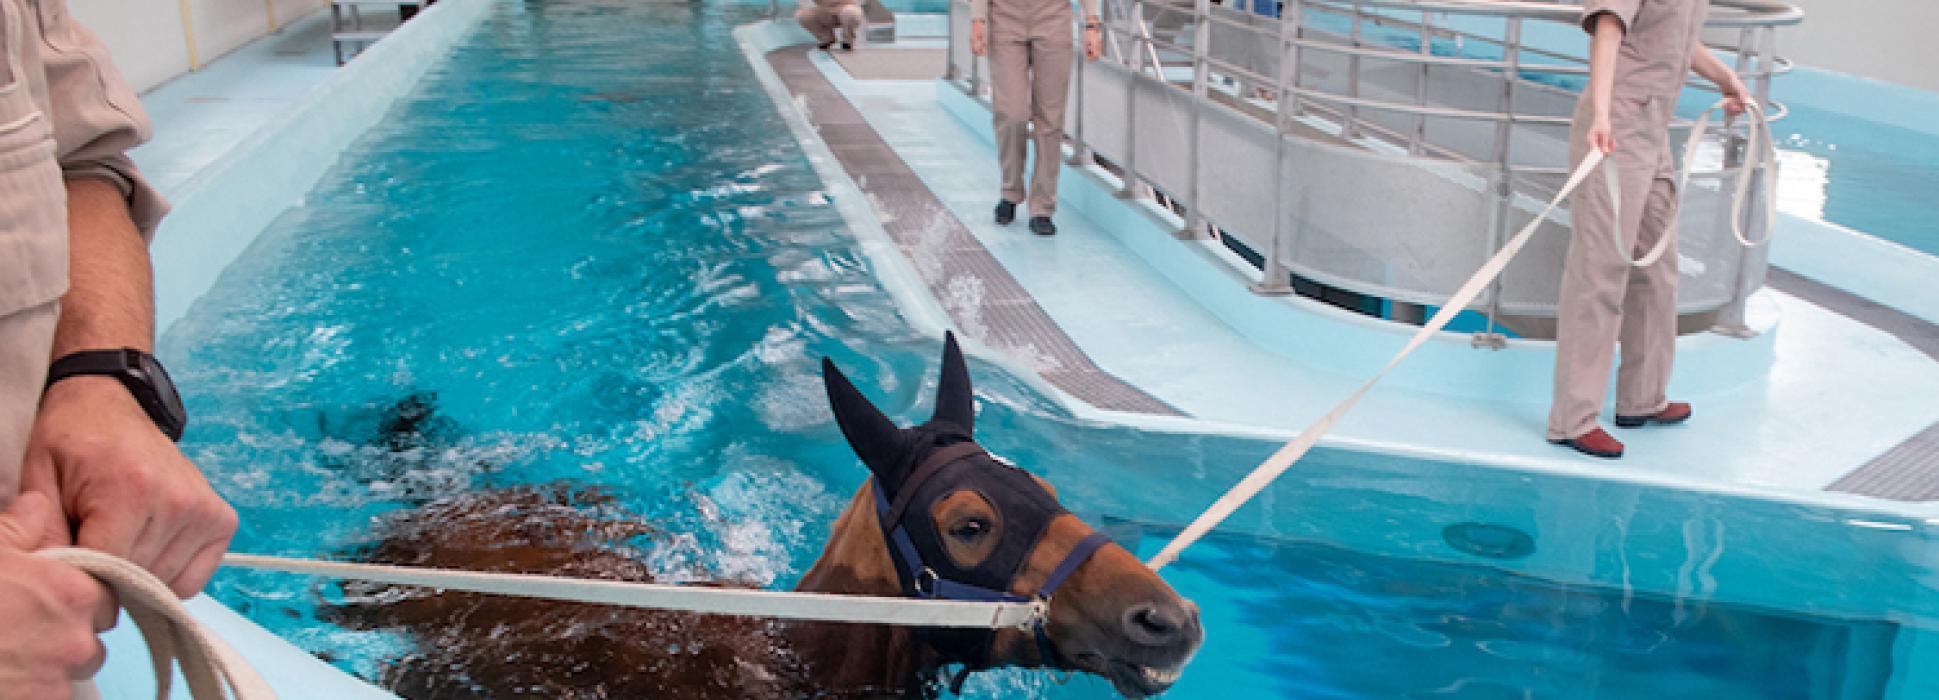 En Calvados acaba de inaugurarse KINÉSIA, el nuevo centro de fisioterapia para caballos